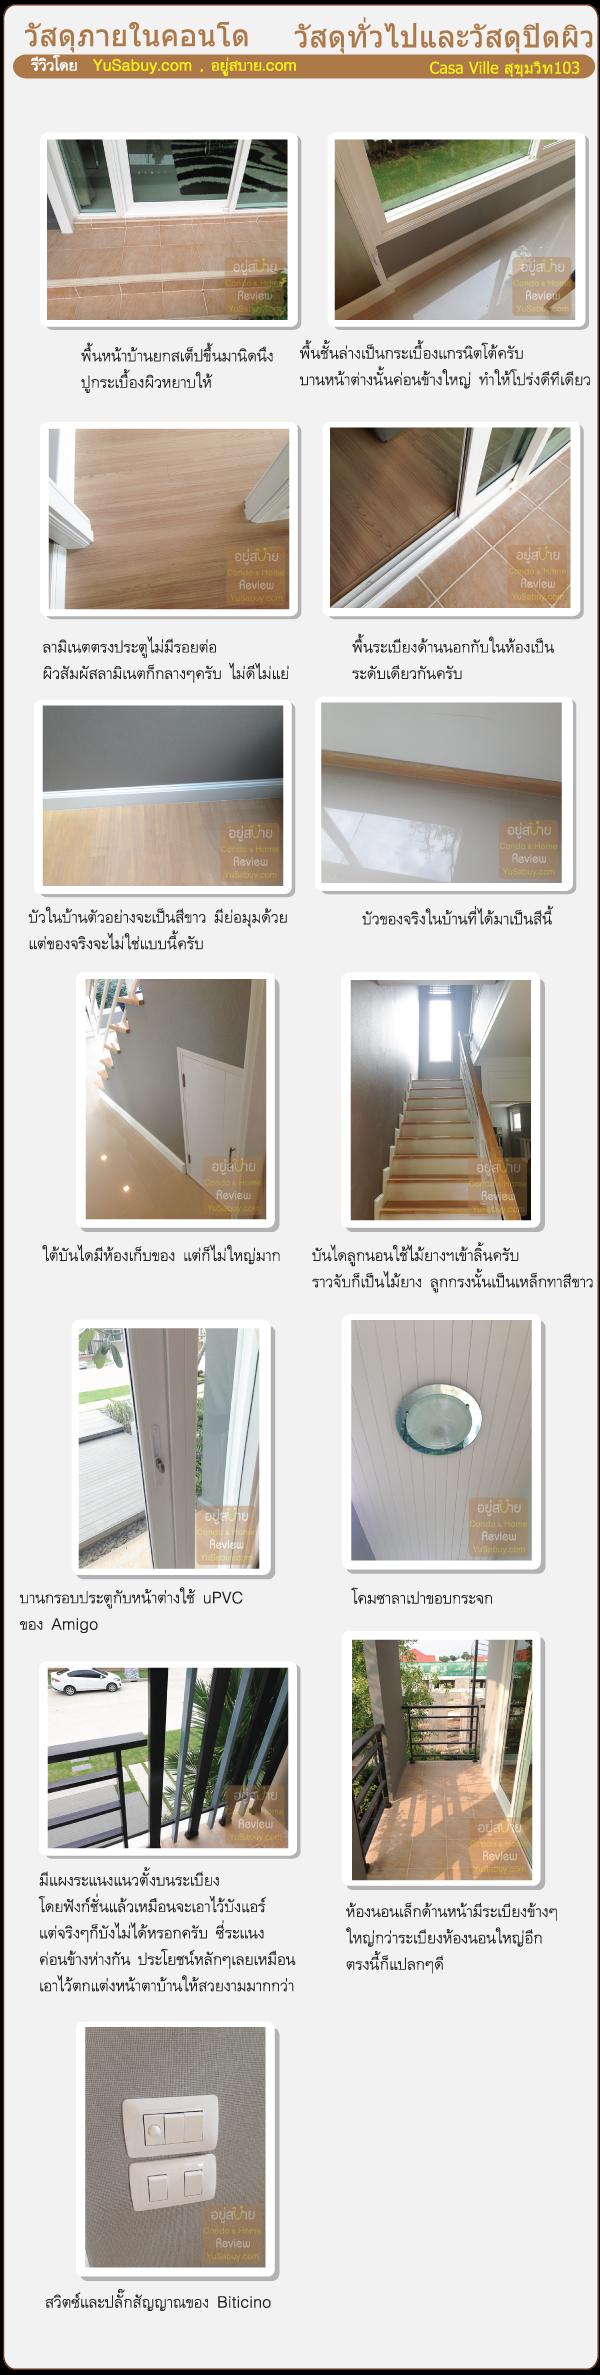 รีวิววัสดุทั่วไปและวัสดุปิดผิว โครงการบ้านเดี่ยว Casa Ville Sukhumvit103 (คาซ่า วิลล์ สุขุมวิท103)